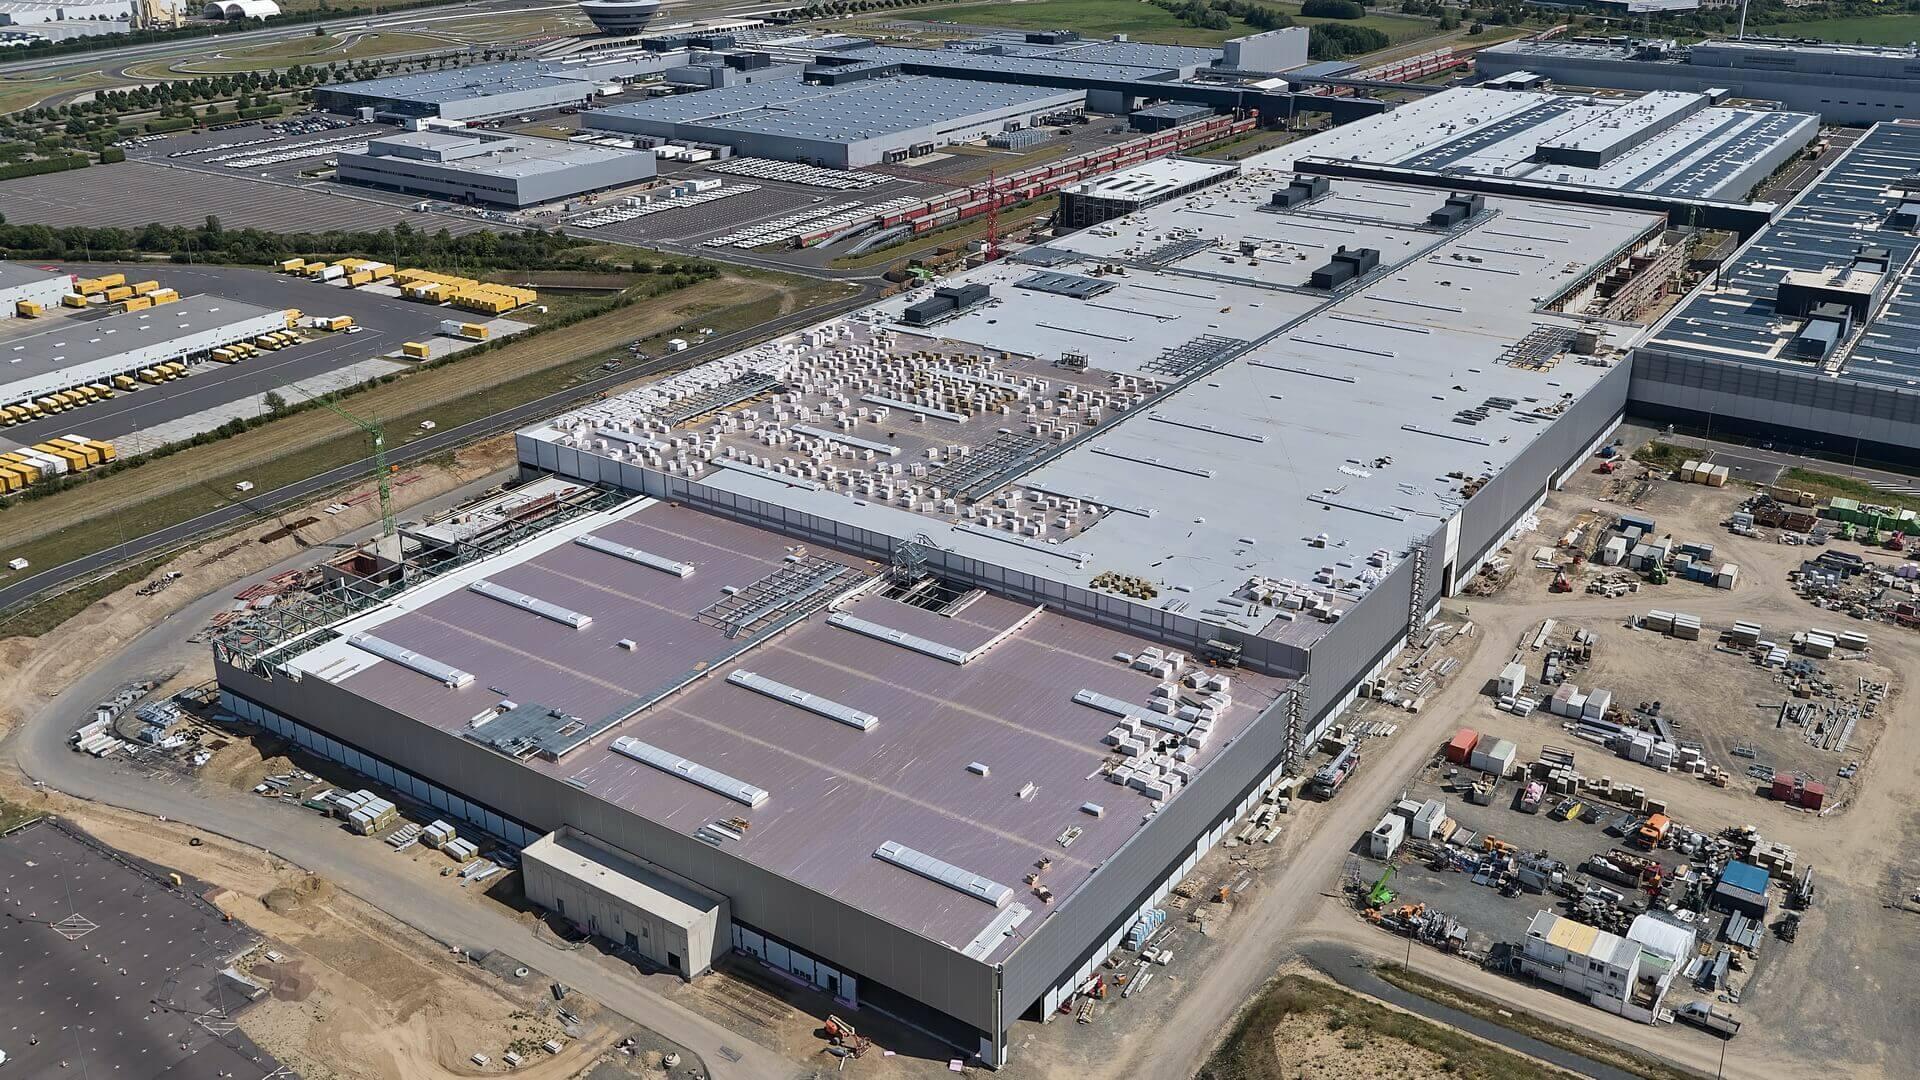 Фабрика в Лейпциге, где будет производиться новый электромобиль Porsche Macan